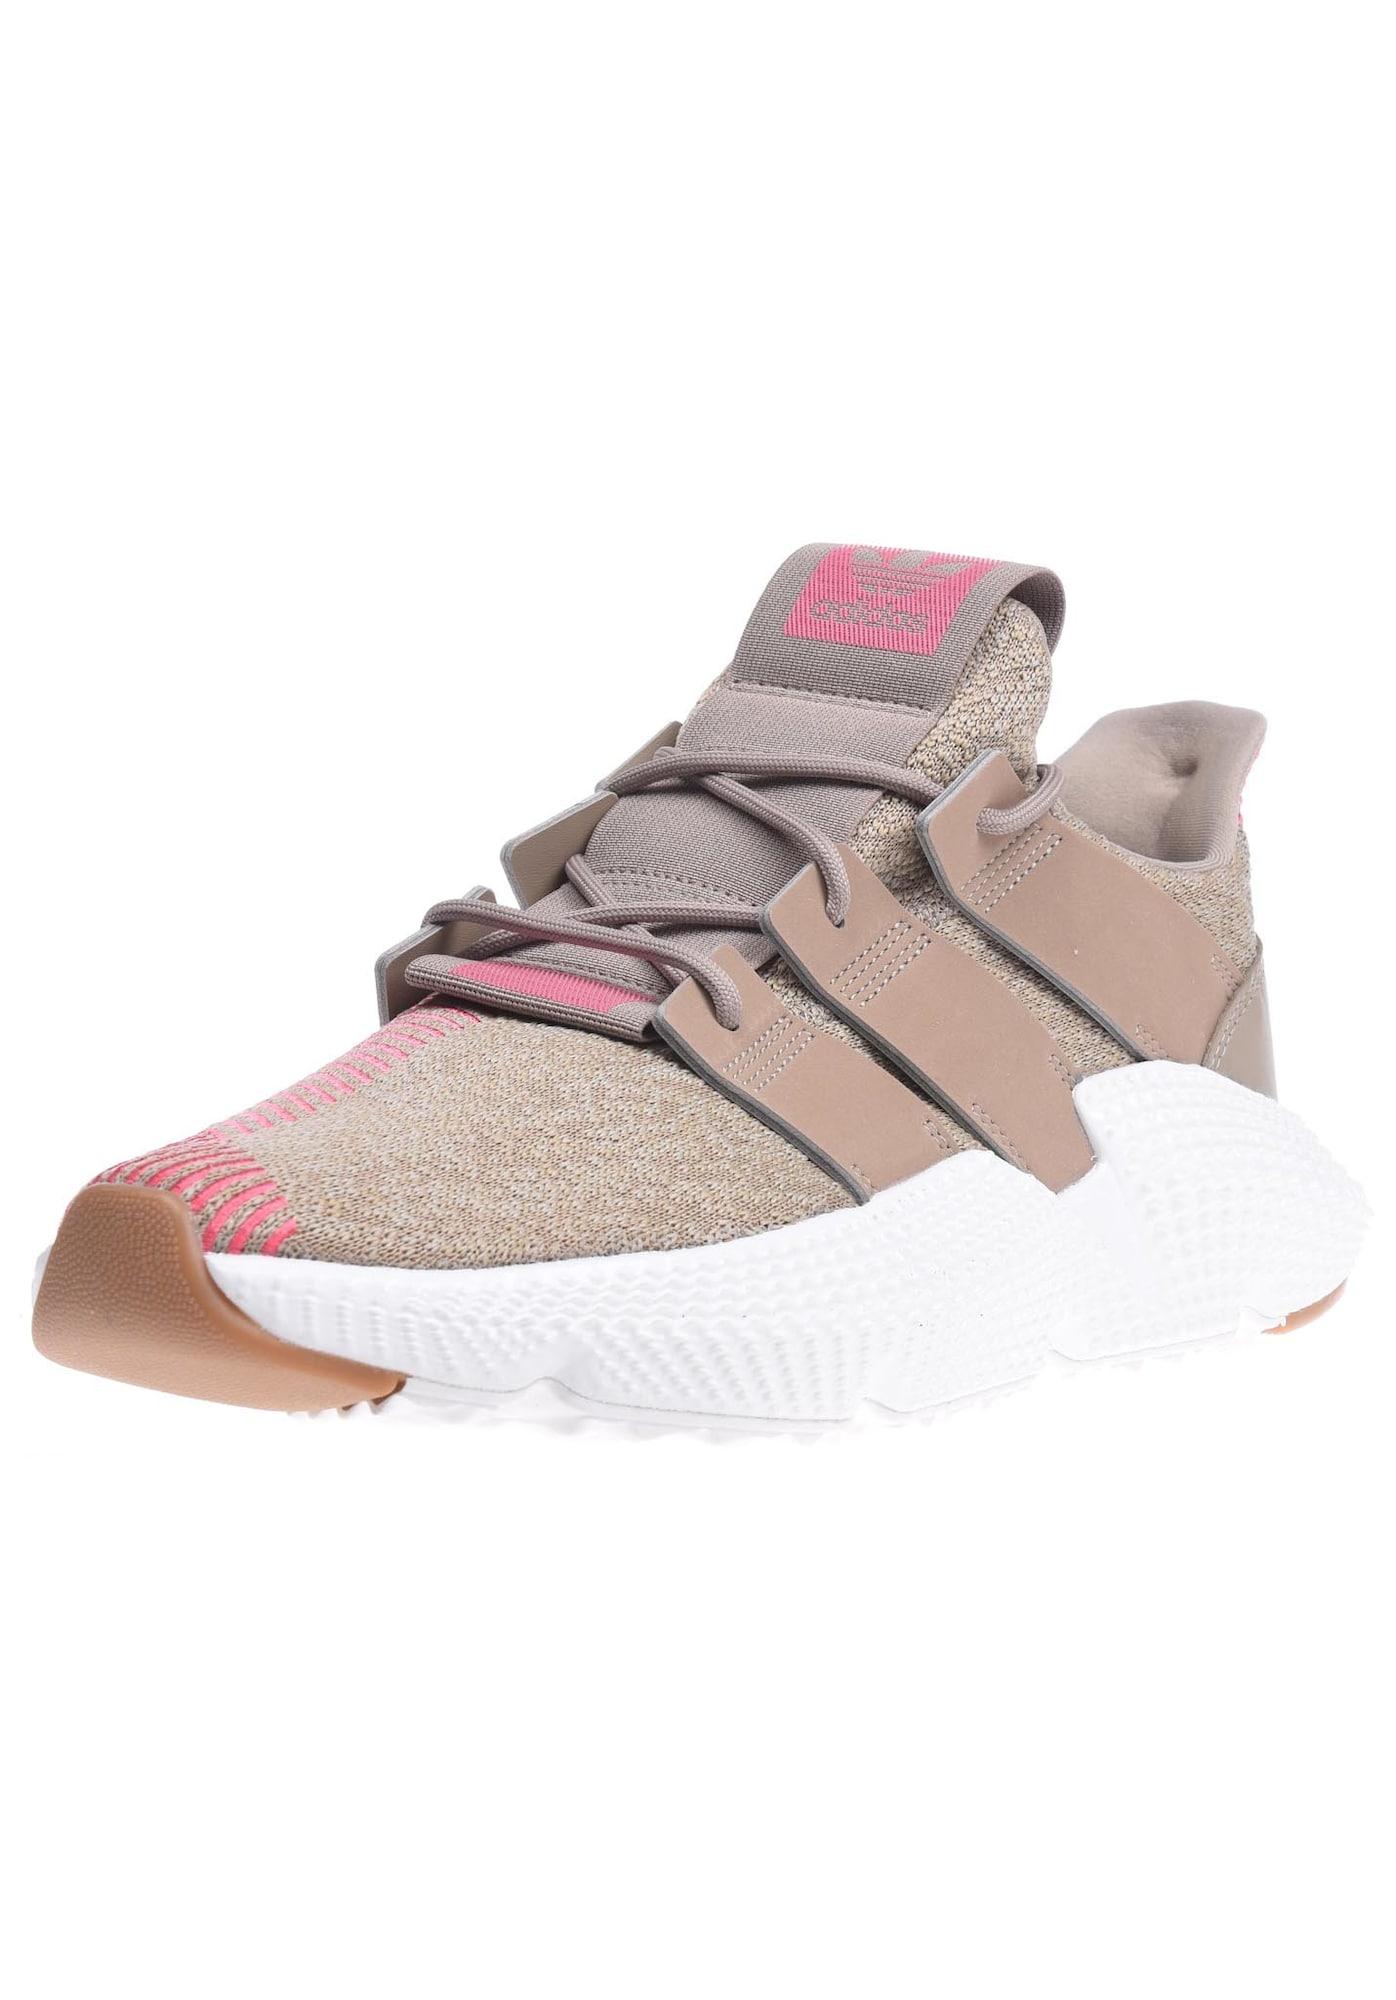 ADIDAS ORIGINALS, Heren Sneakers laag 'Prophere', donkerbeige / pink